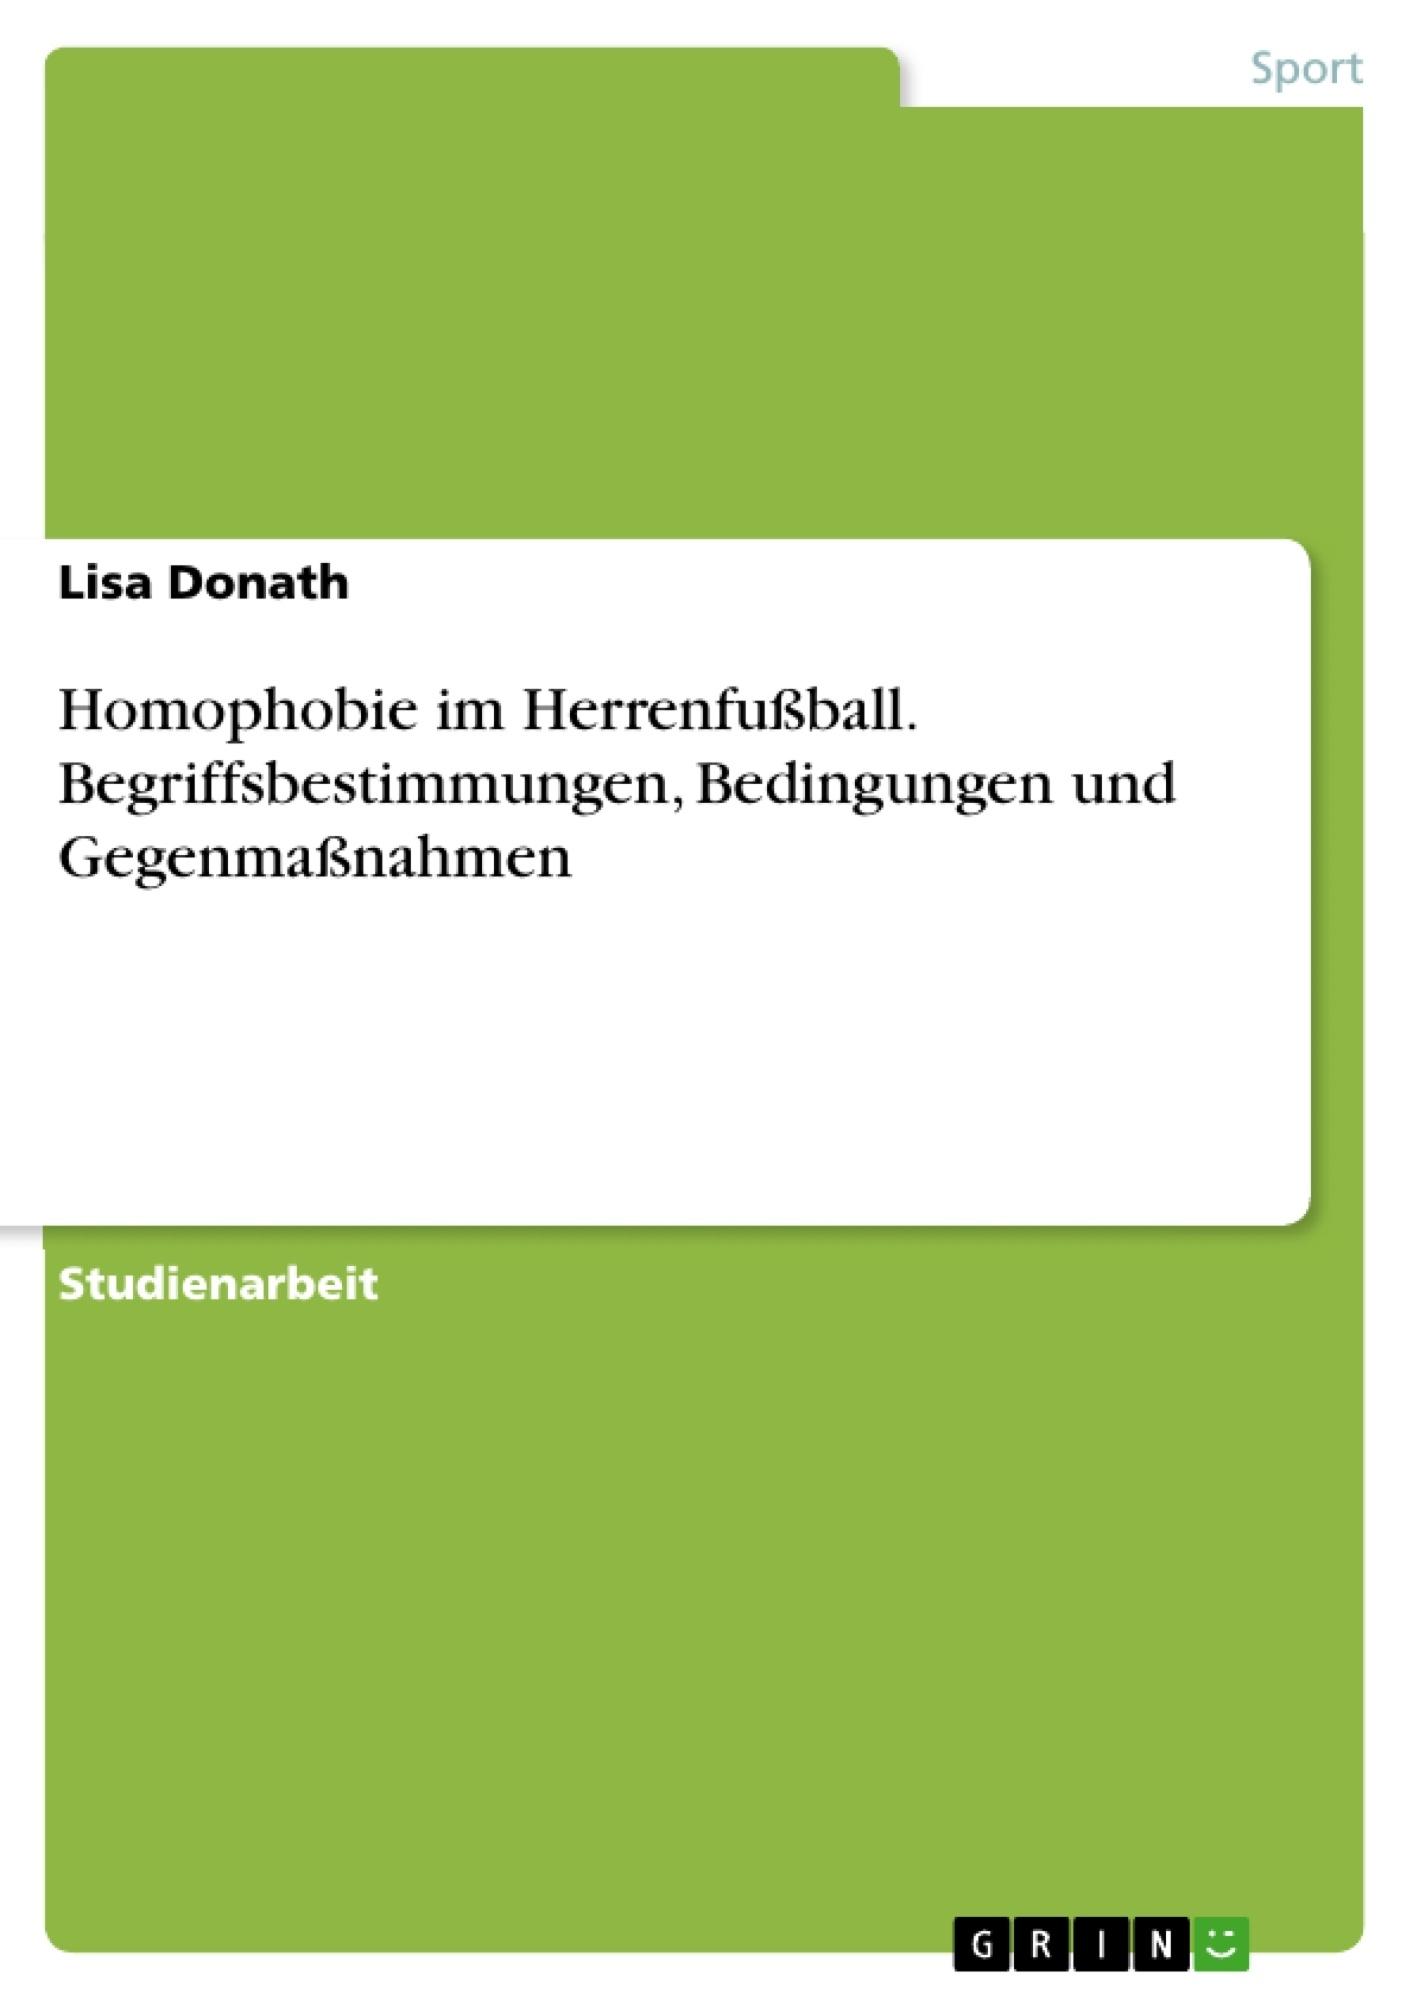 Titel: Homophobie im Herrenfußball. Begriffsbestimmungen, Bedingungen und Gegenmaßnahmen